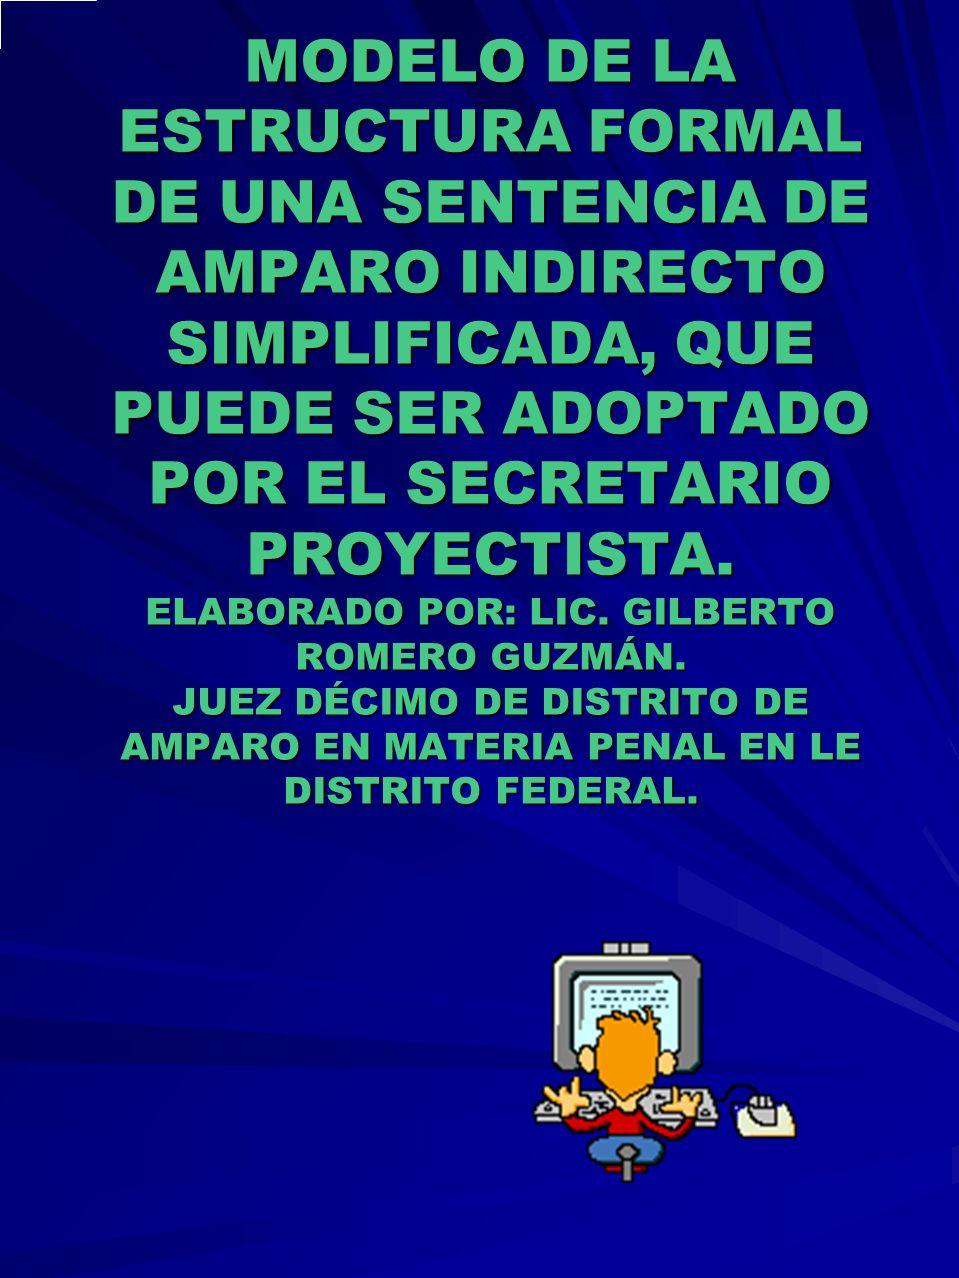 MODELO DE LA ESTRUCTURA FORMAL DE UNA SENTENCIA DE AMPARO INDIRECTO SIMPLIFICADA, QUE PUEDE SER ADOPTADO POR EL SECRETARIO PROYECTISTA. ELABORADO POR: